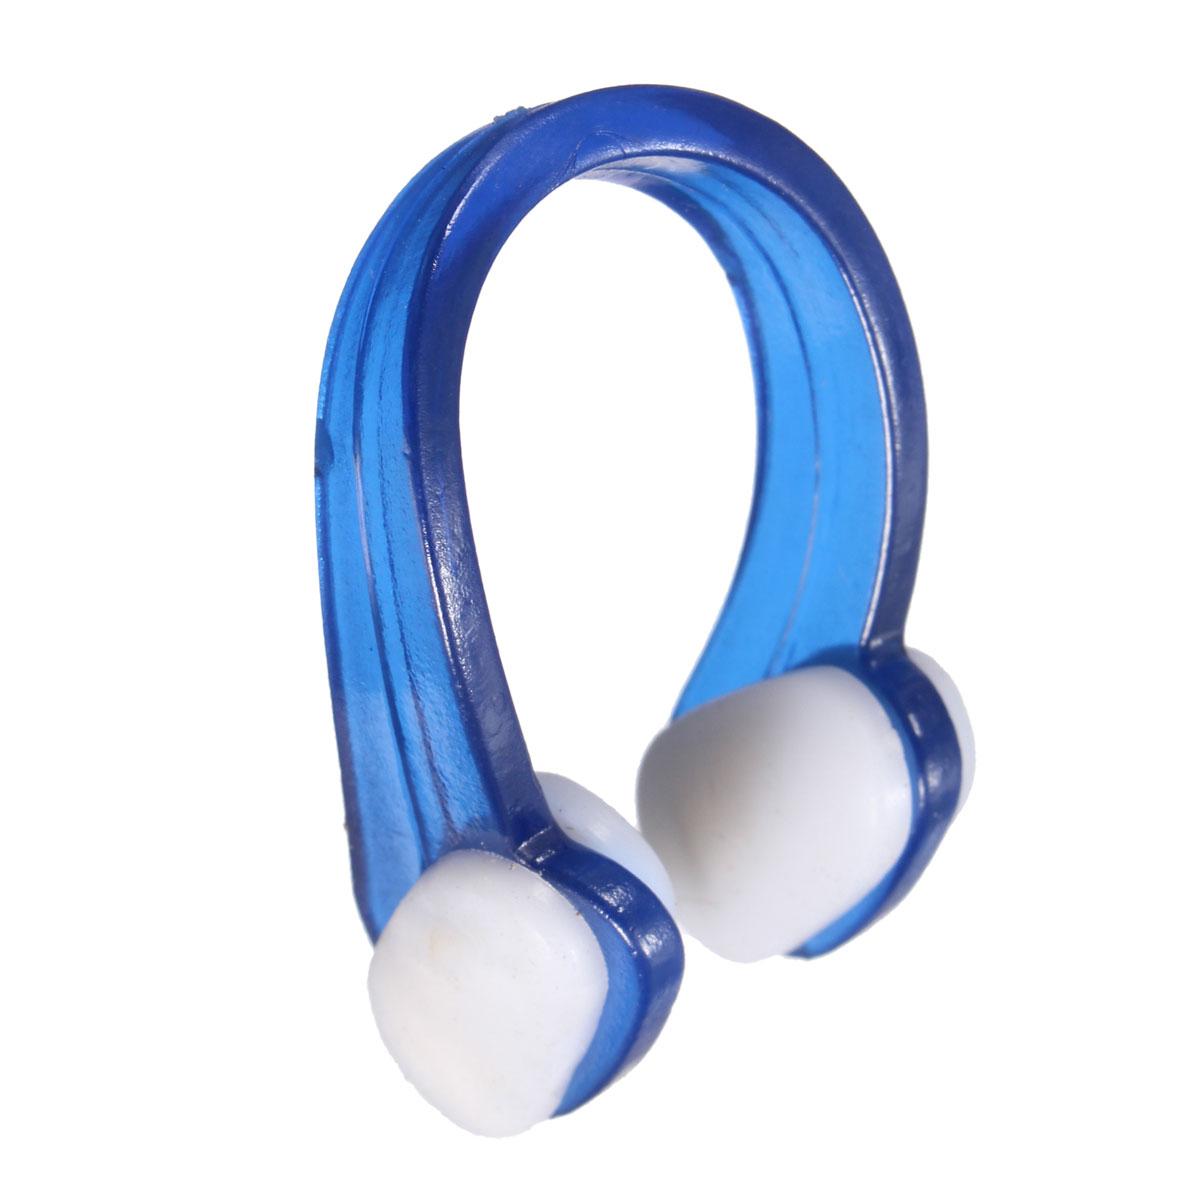 Neuf silicone souple piscine set pince nez ear plug for Bouchons oreilles piscine